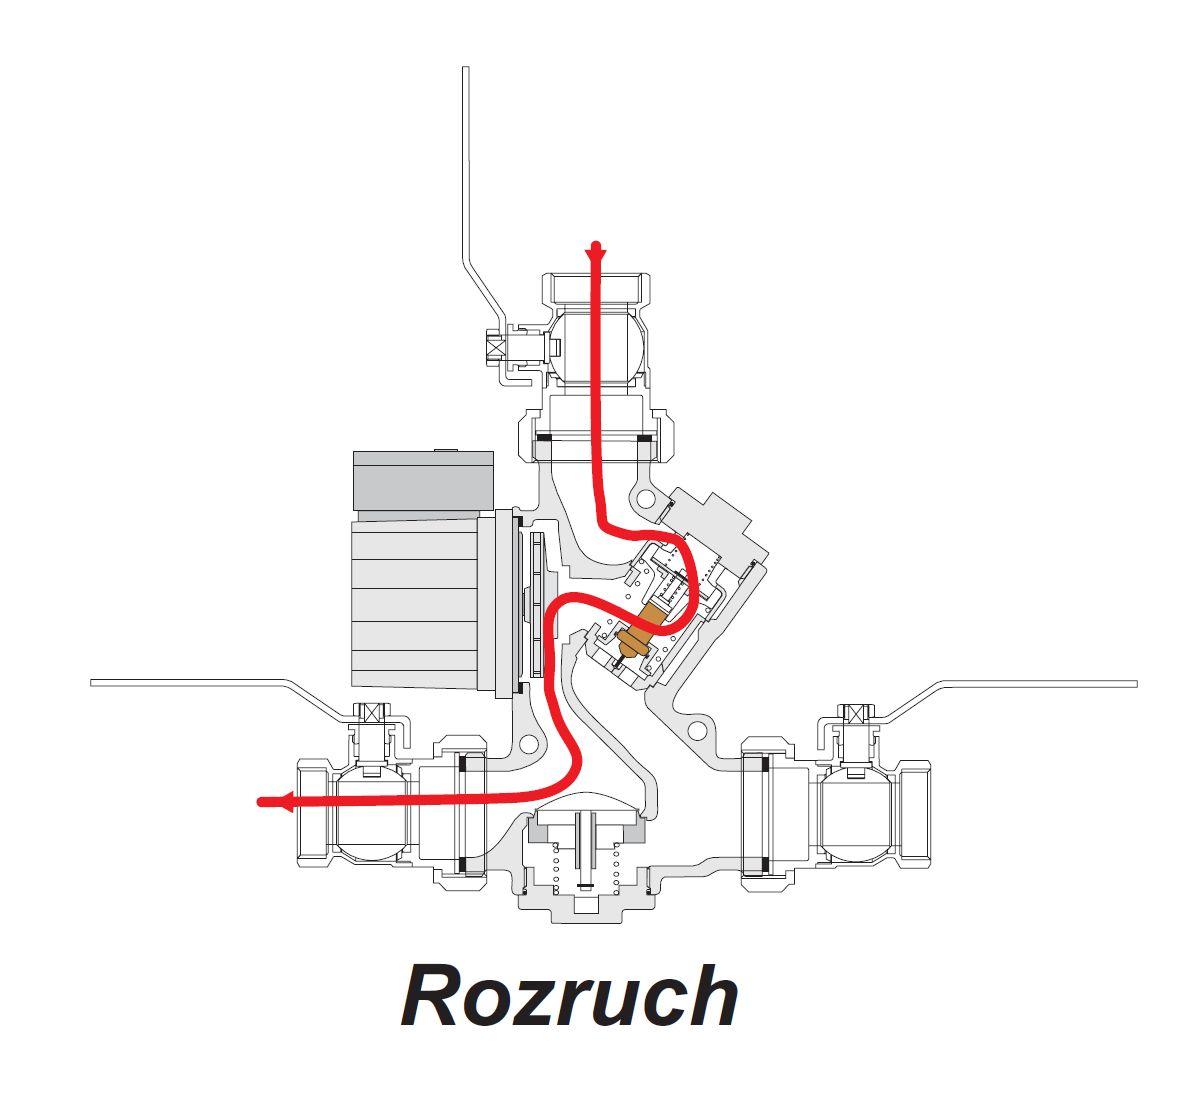 Faza rozpalania kotła i ochrona temperatury powrotu kotła - schemat działania Laddomat'u